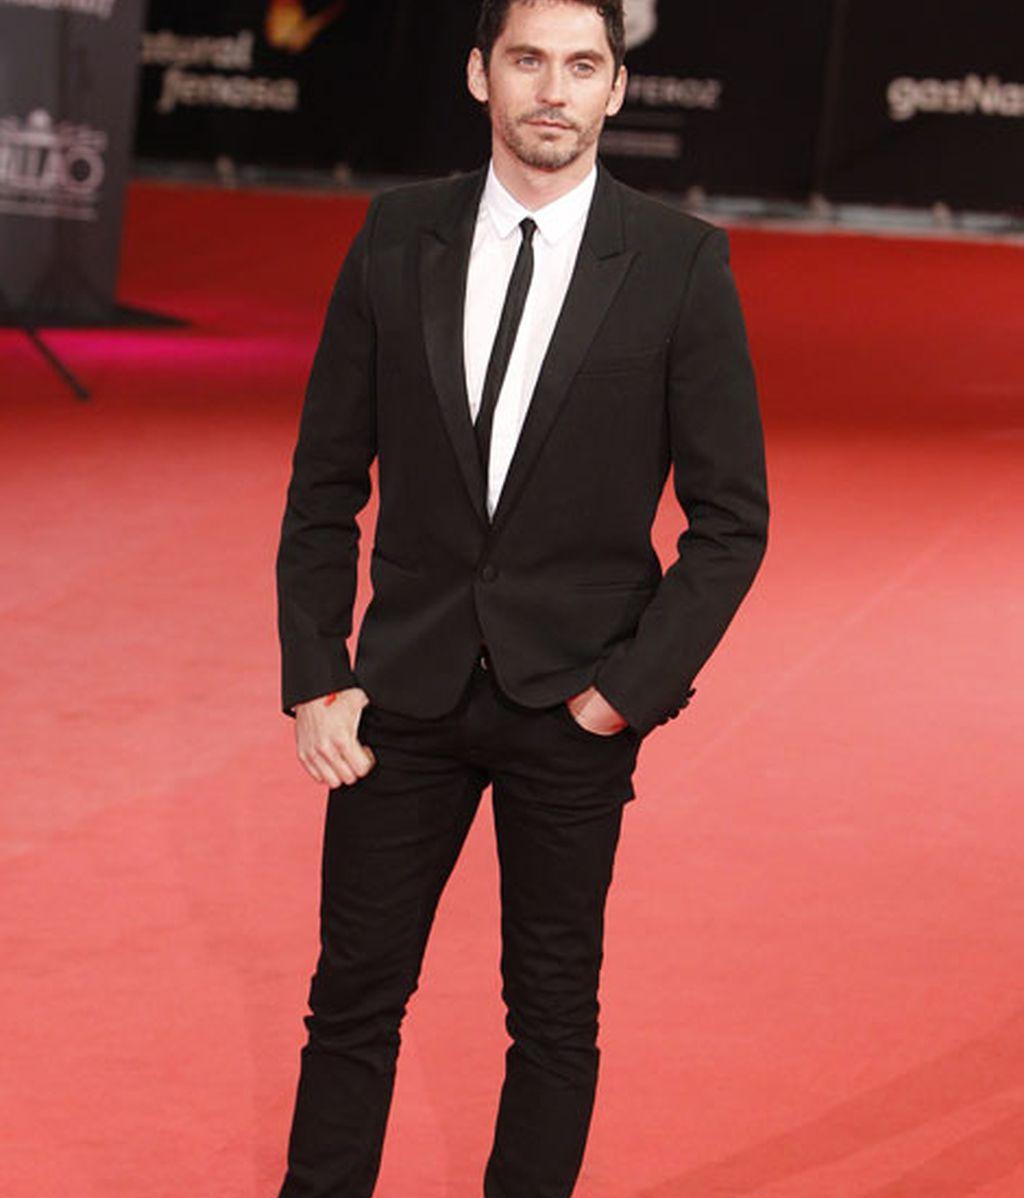 El actor Paco León en la alfombra roja